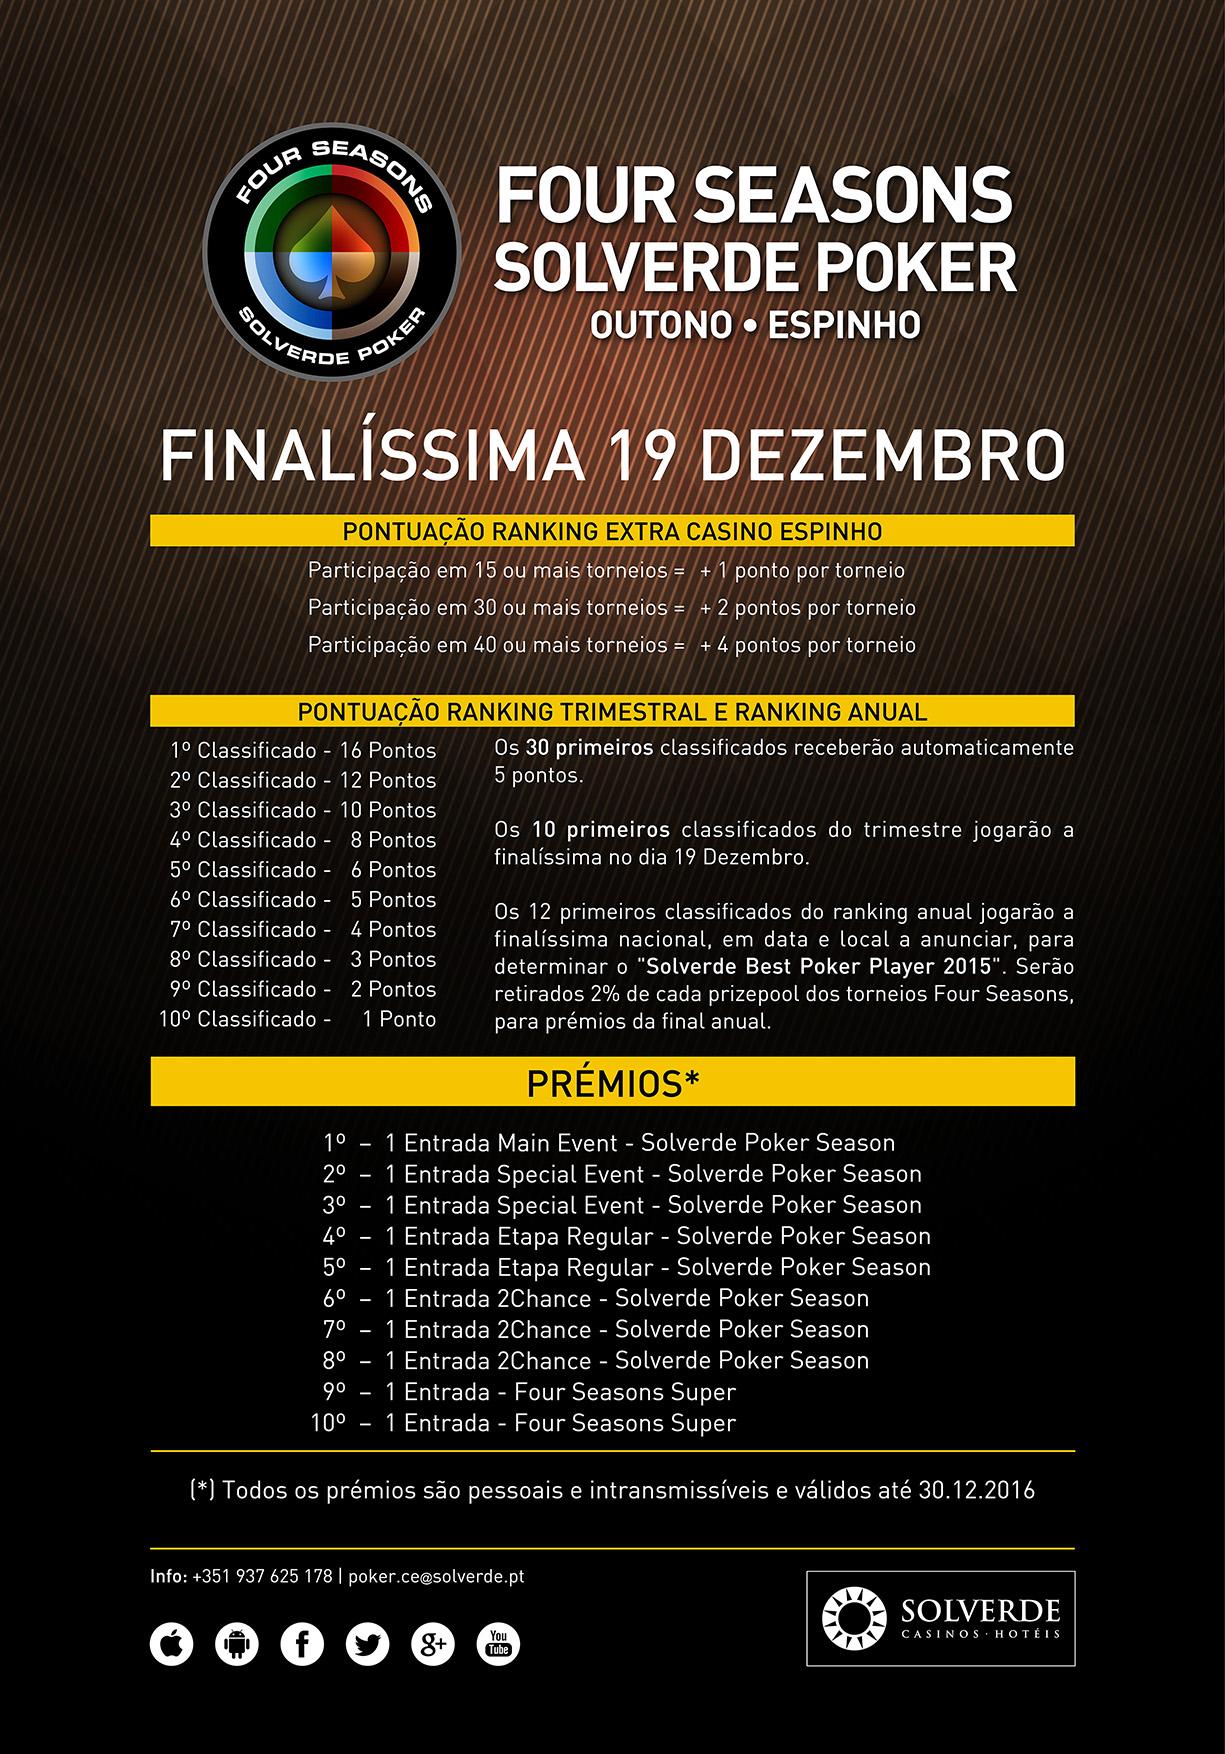 Four Seasons Solverde Poker Outuno Até 17 de Dezembro no Casino de Espinho 102